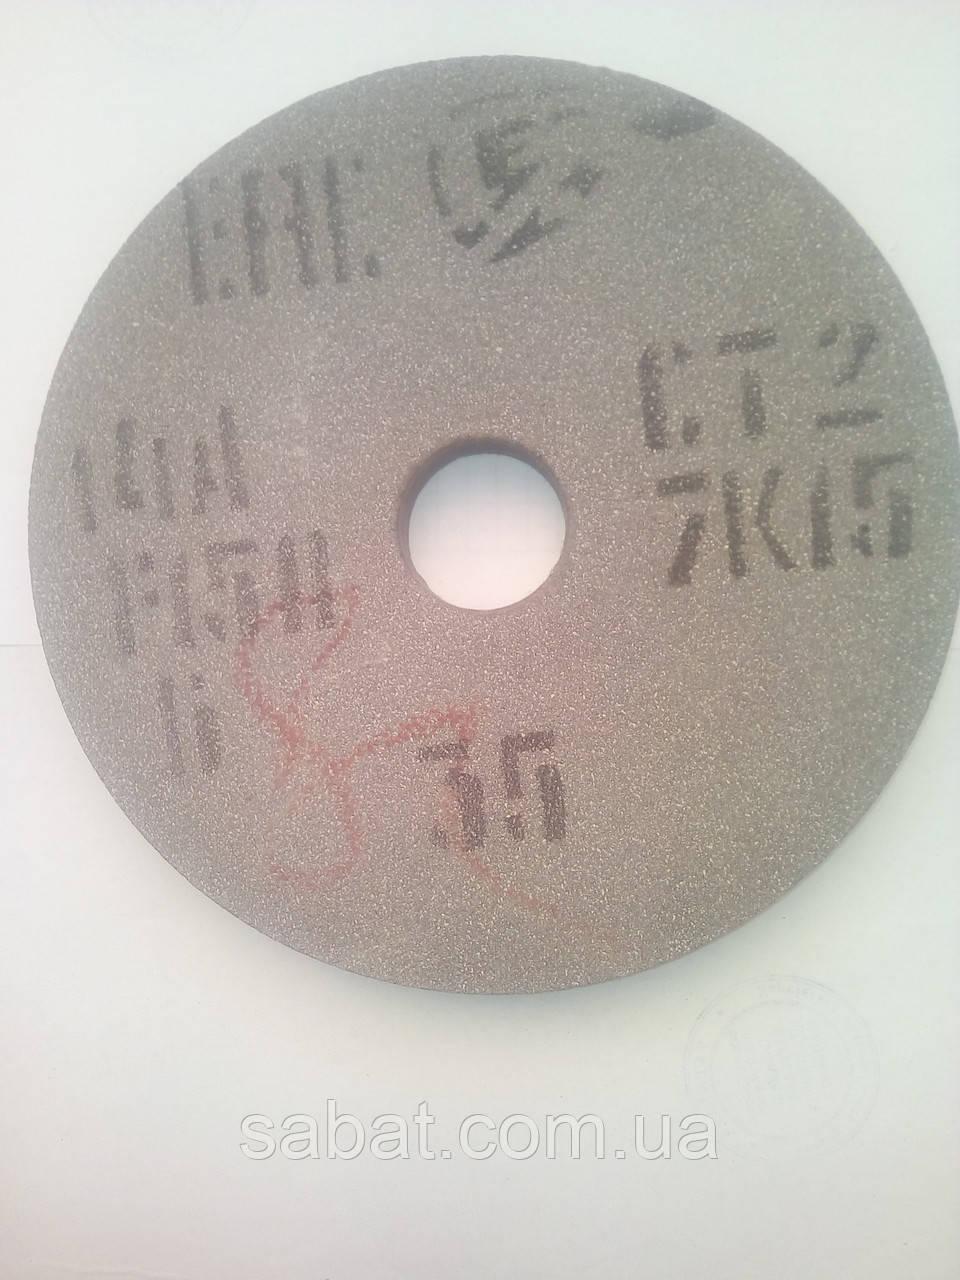 Круг шлифовальный серый 14А F150 СТ-СМ 150х16х32